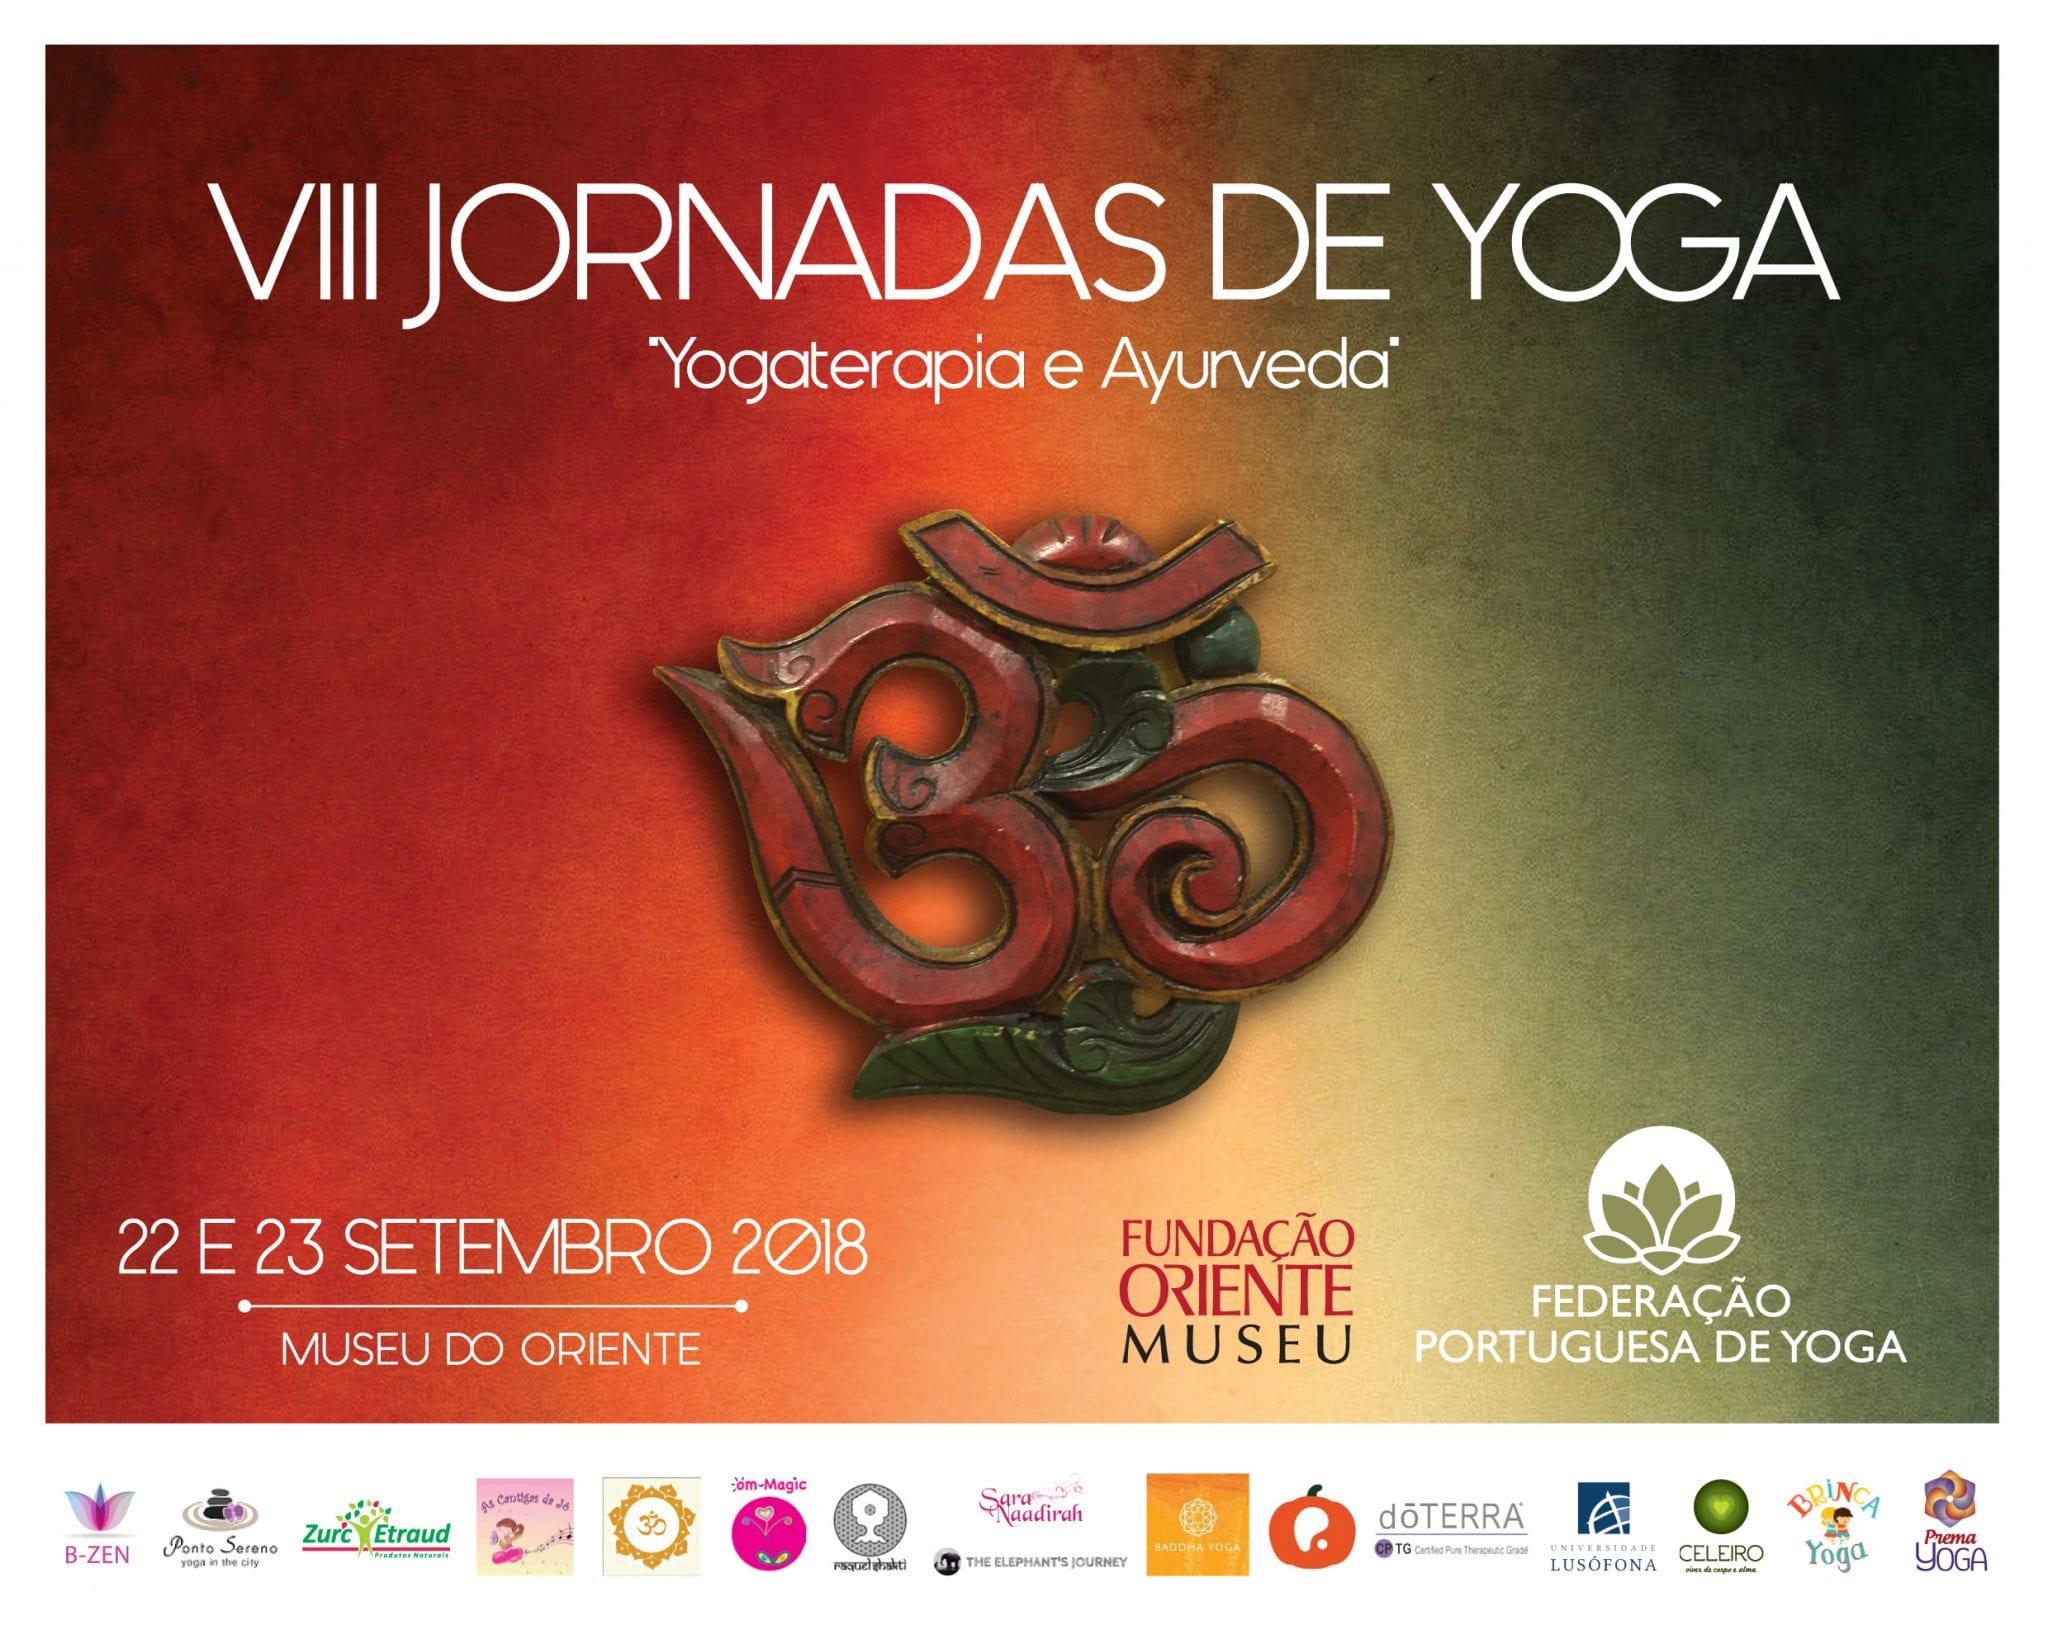 VIII Jornadas de Yoga